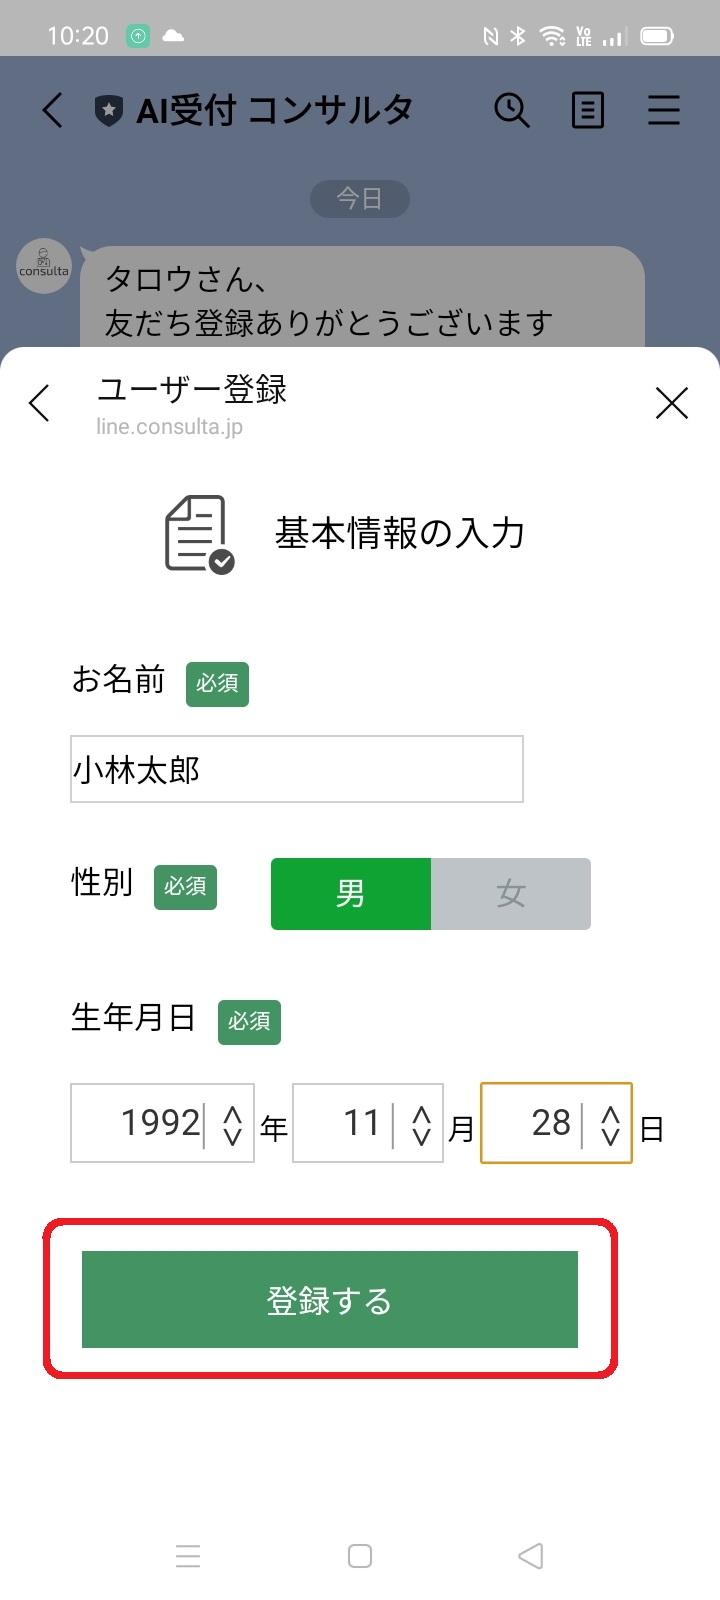 ユーザー登録 基本情報1